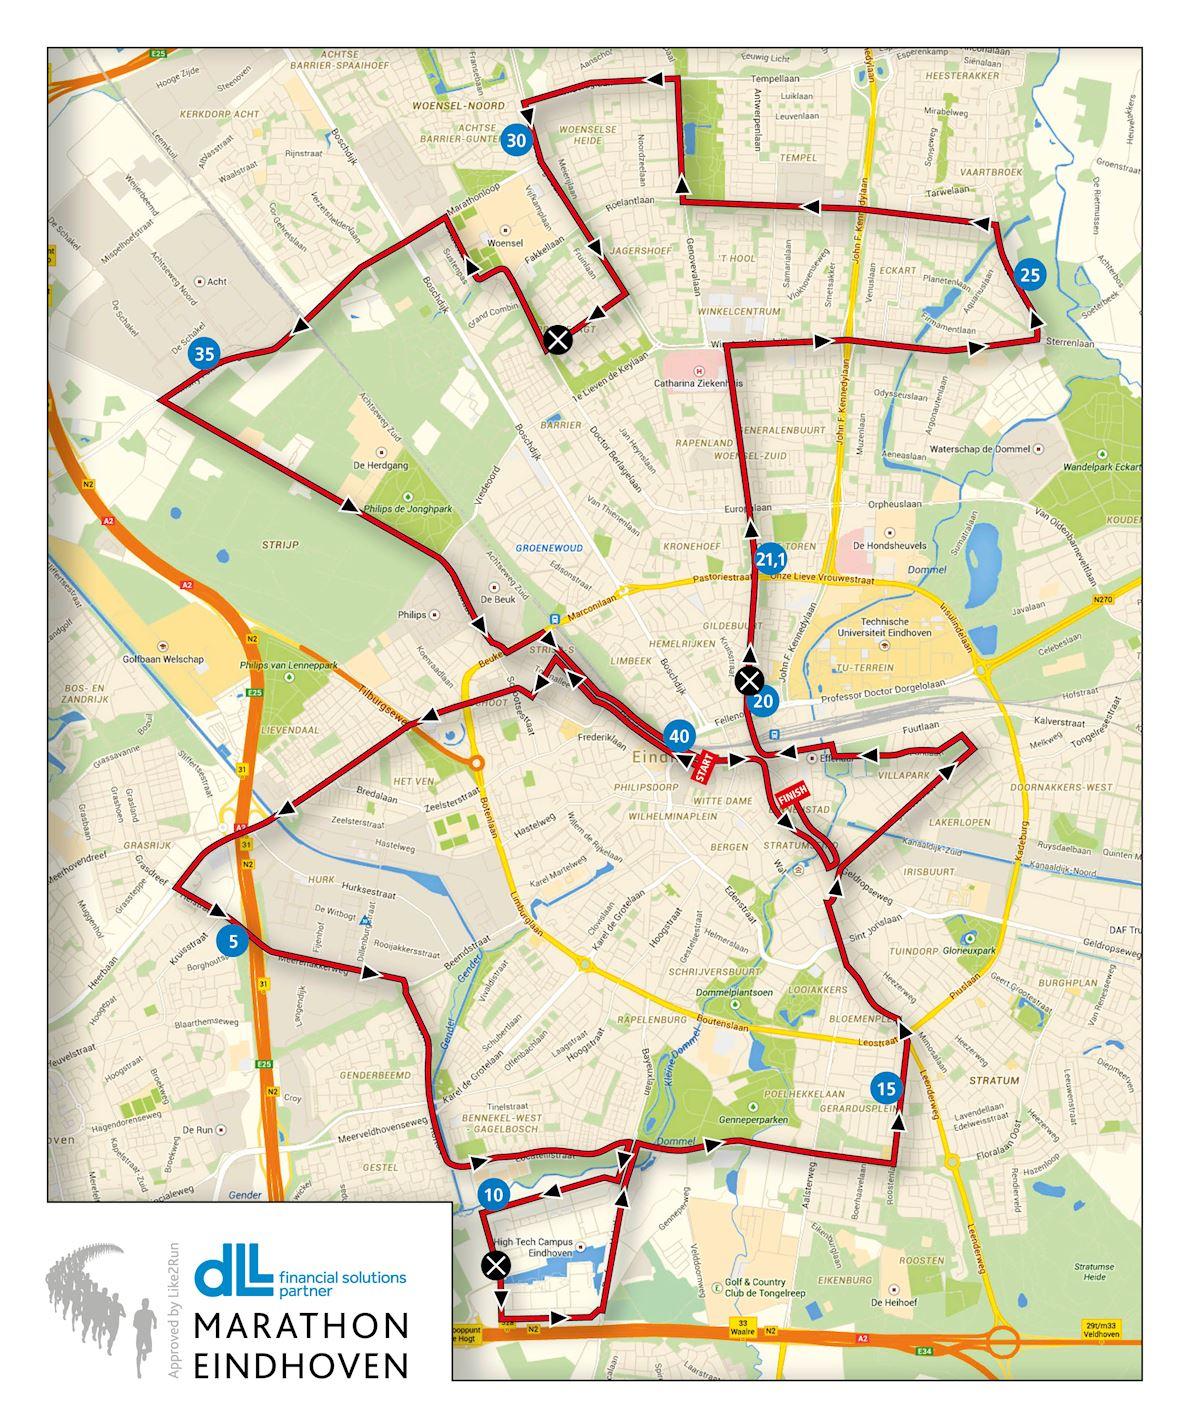 Marathon Eindhoven MAPA DEL RECORRIDO DE